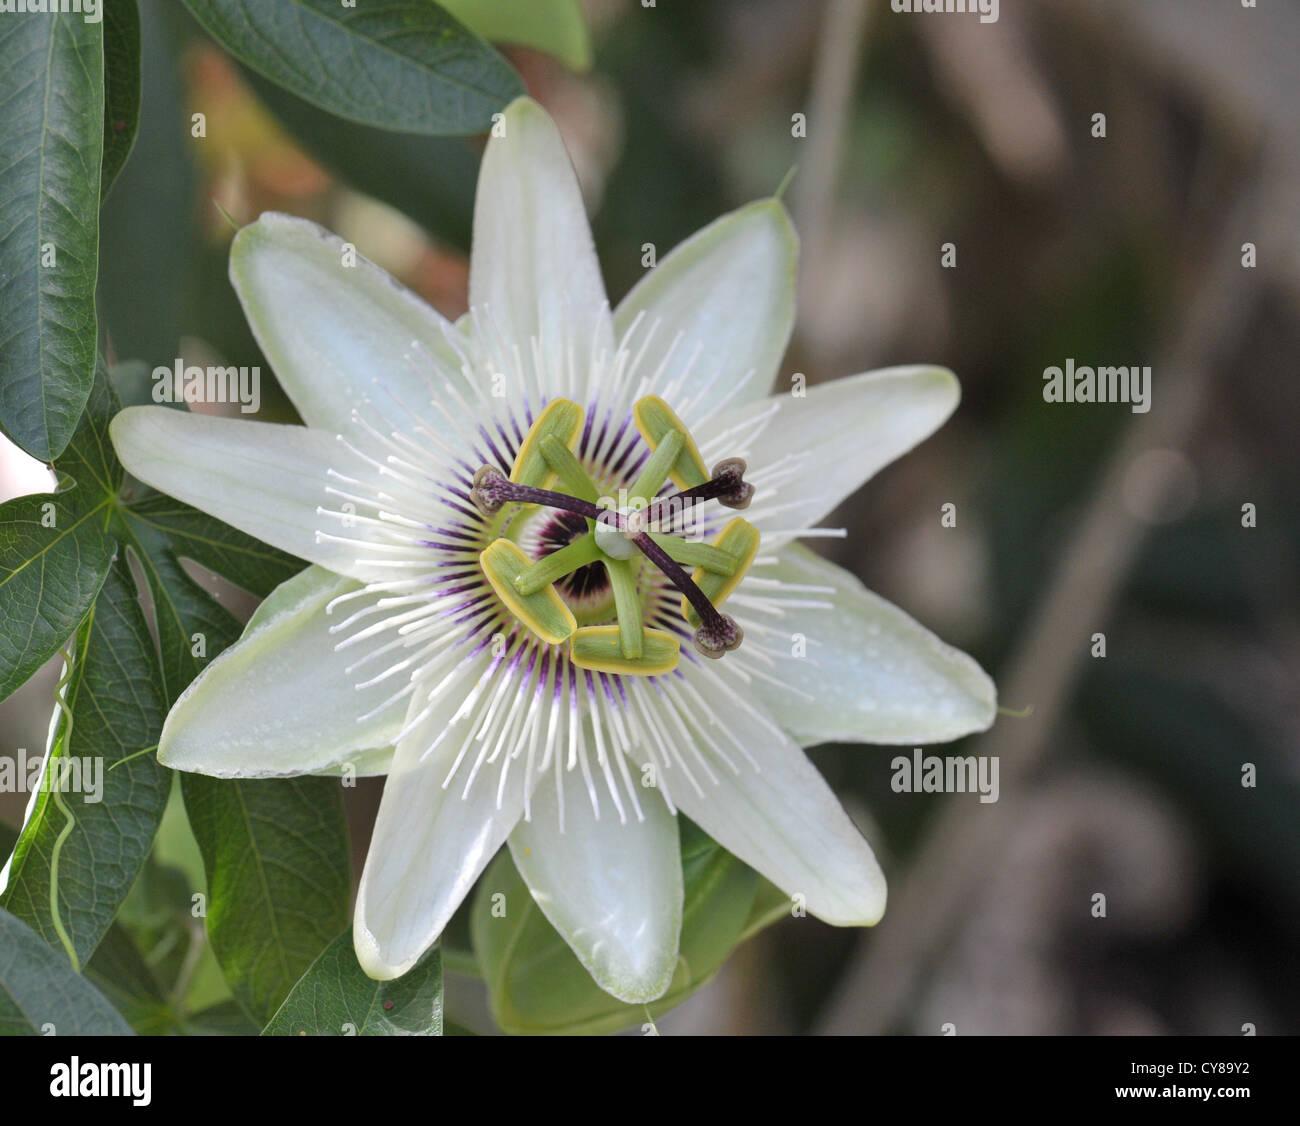 La flor de la pasión (passiflora) es una trepadora perenne con flores de aspecto exótico Foto de stock